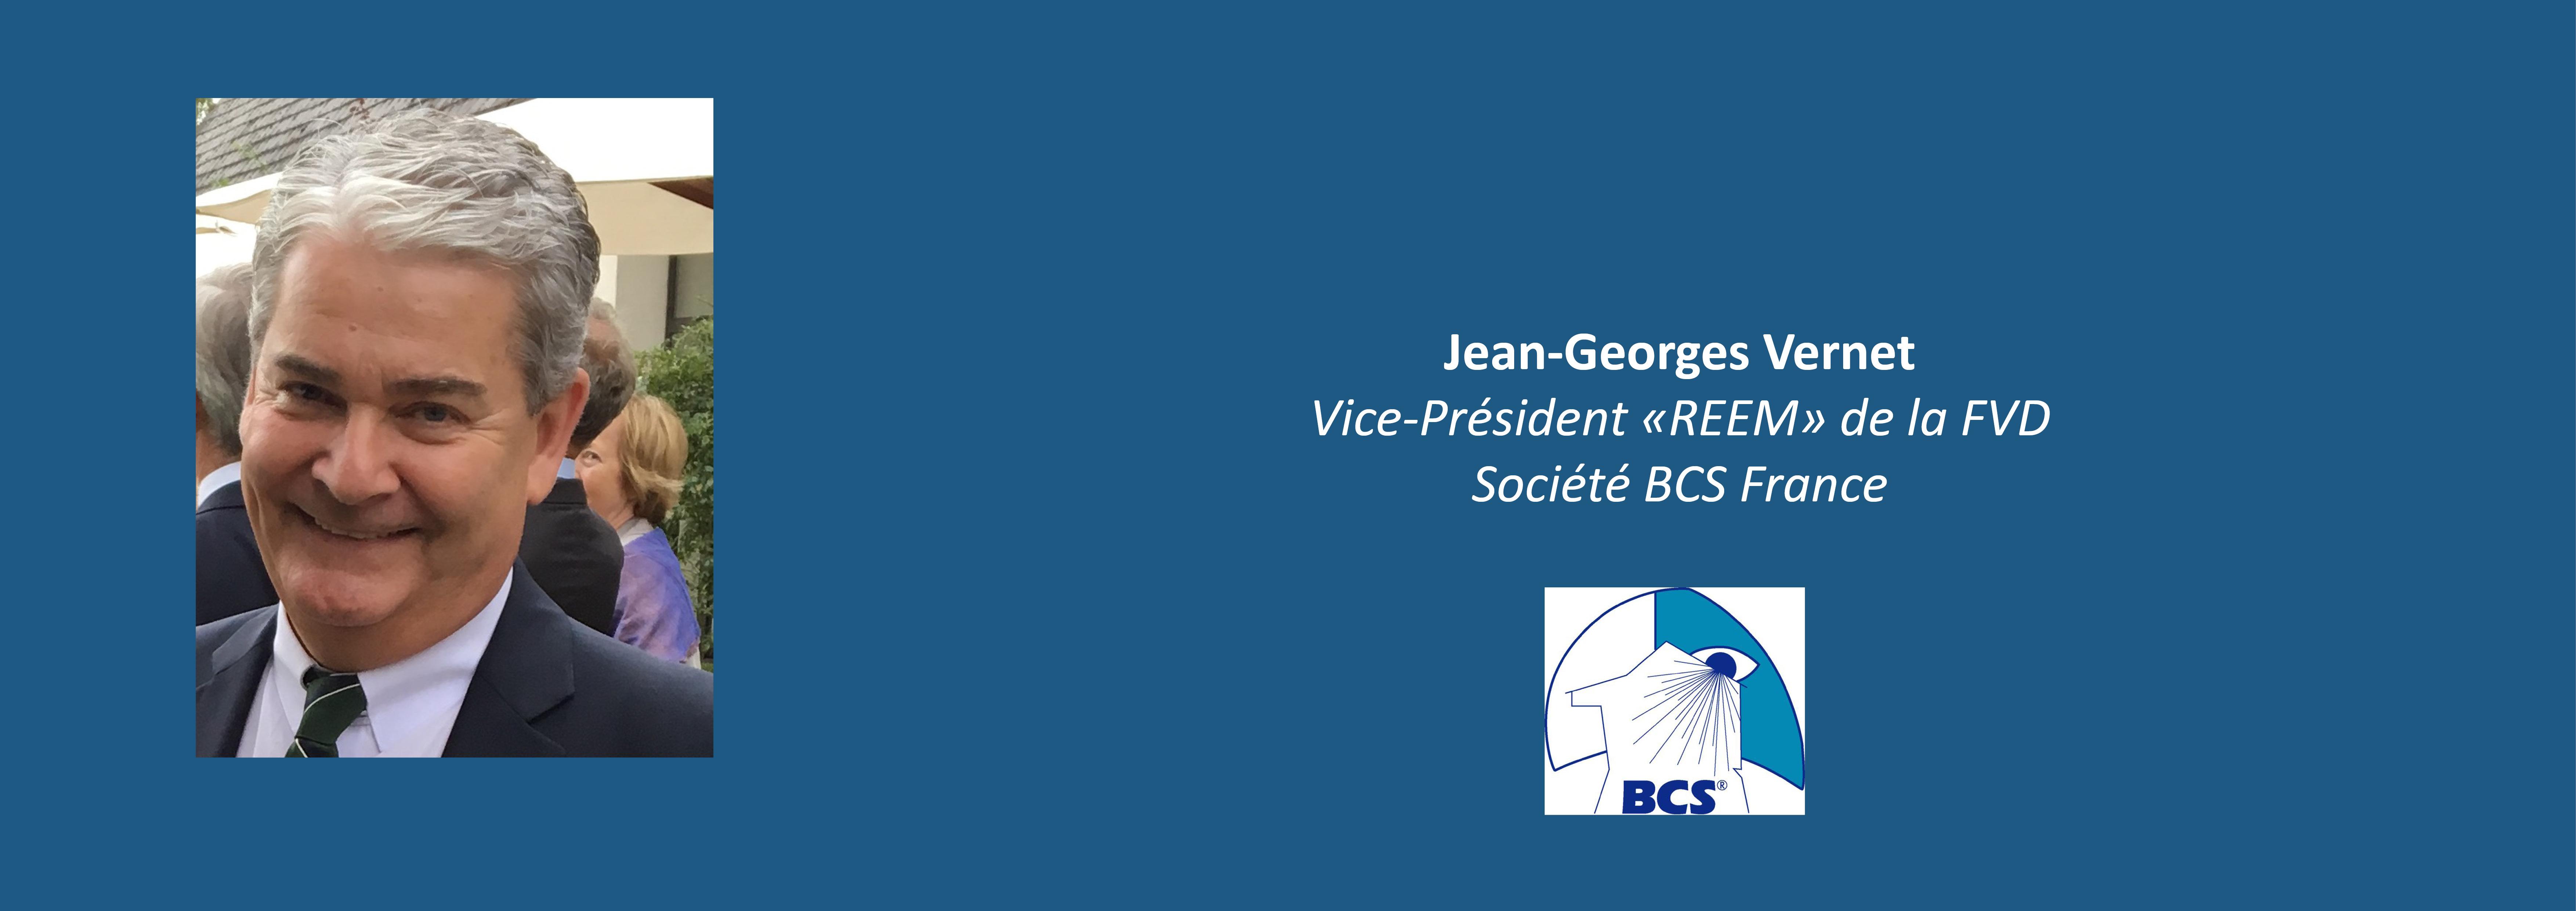 jean-georges-vernet9